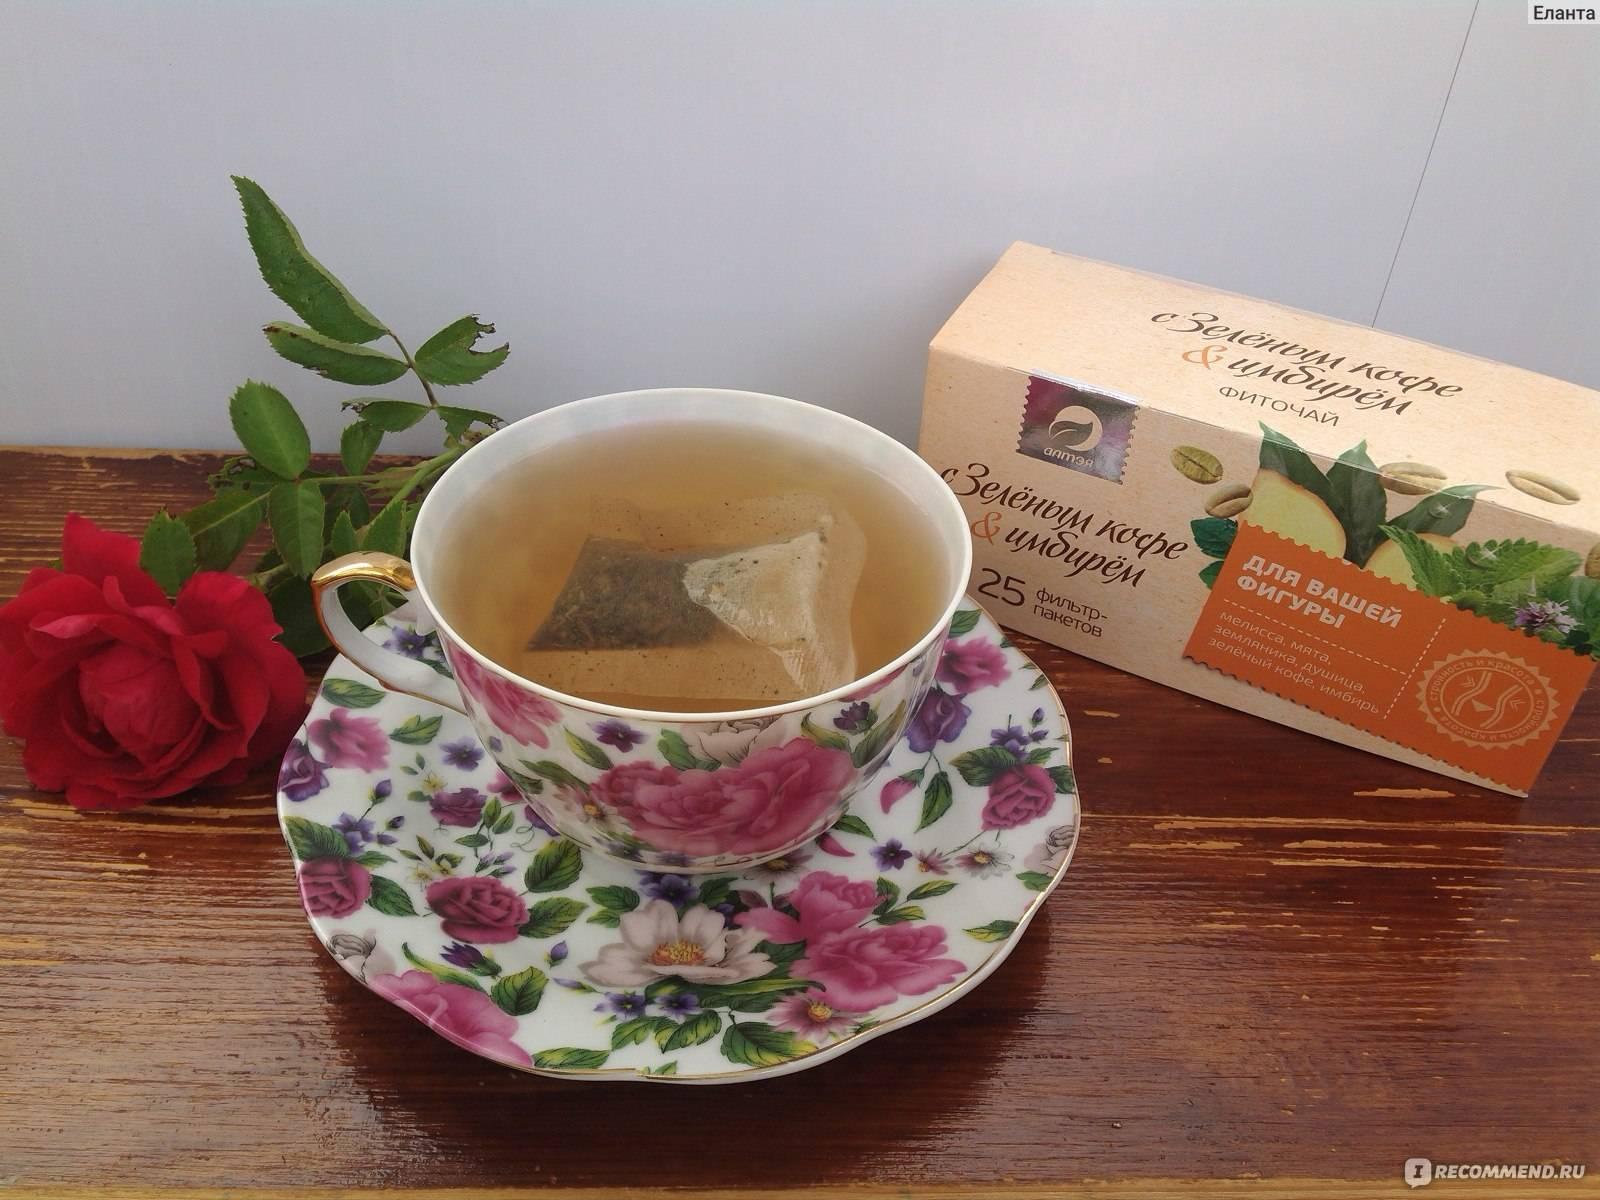 Чай с душицей: польза и вред для вашего здоровья